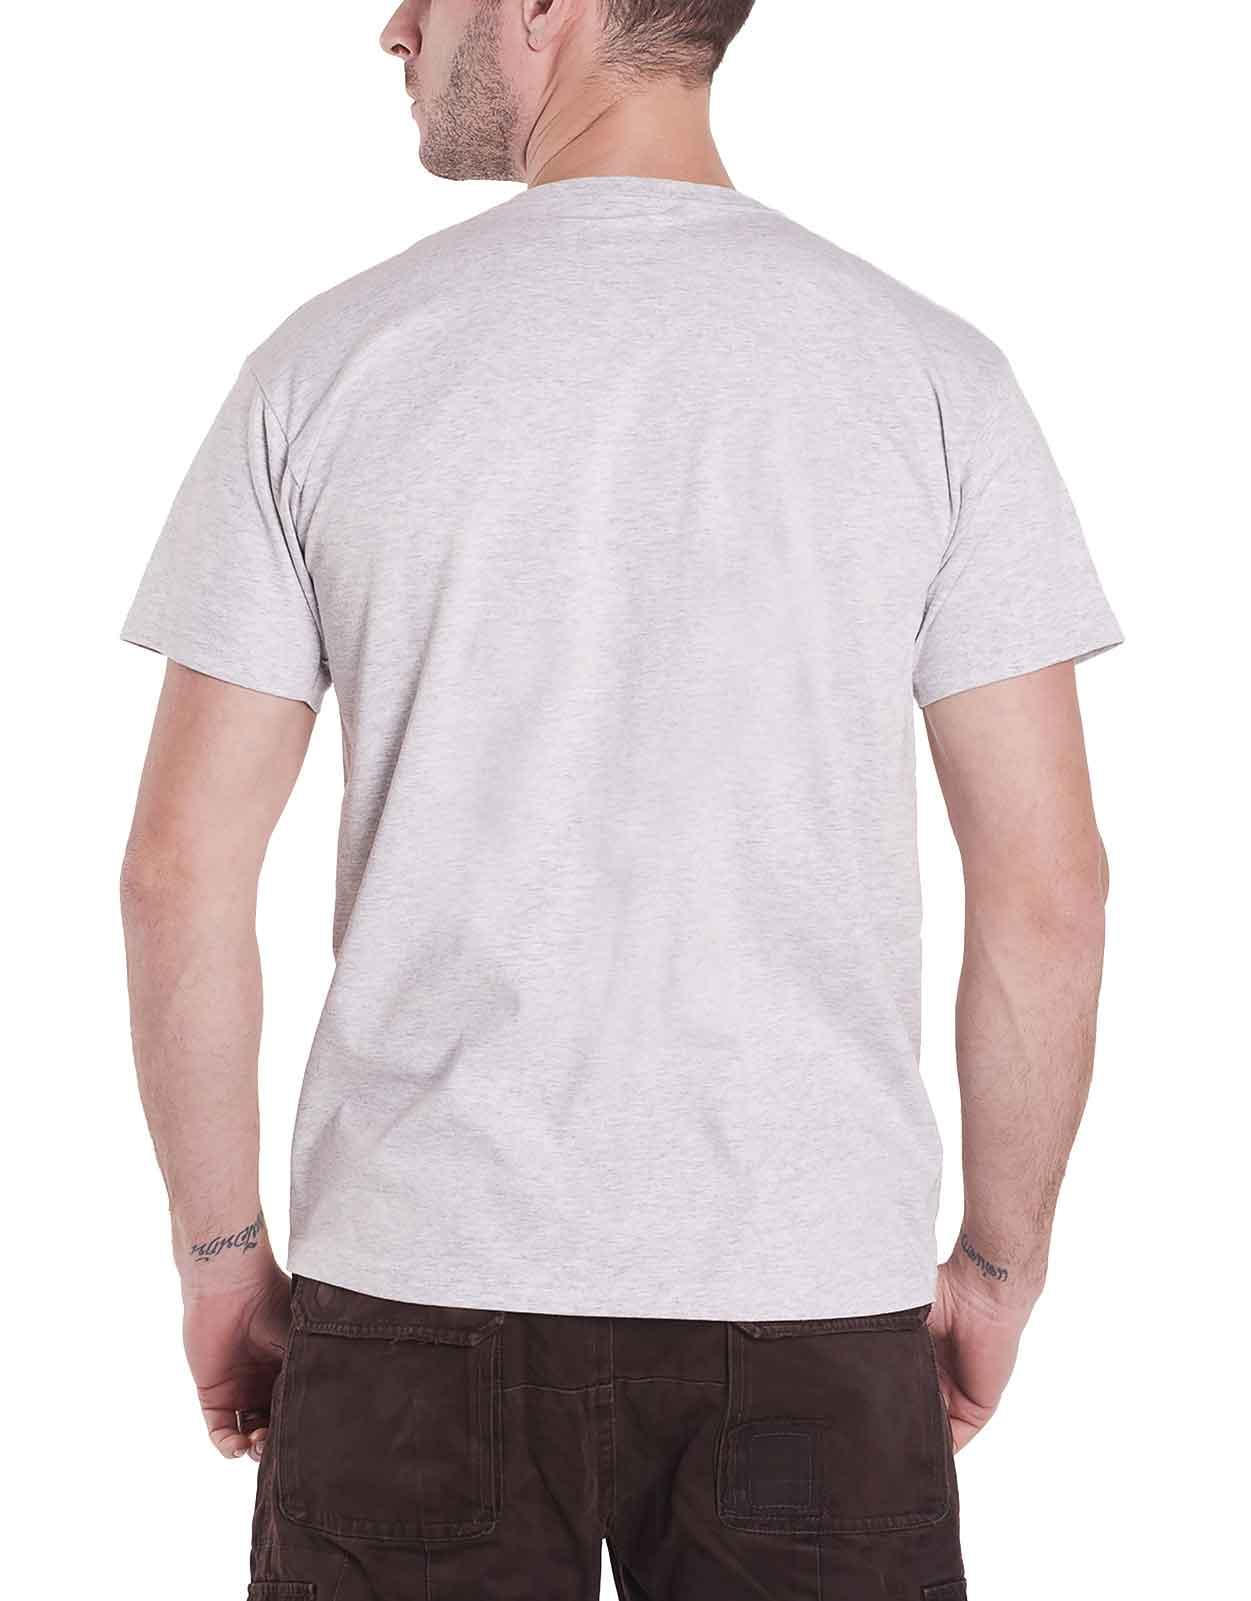 Rick-and-Morty-T-Shirt-Pickle-Rick-Portail-spirale-Wubba-Lubba-nouveau-officiel-Homme miniature 61